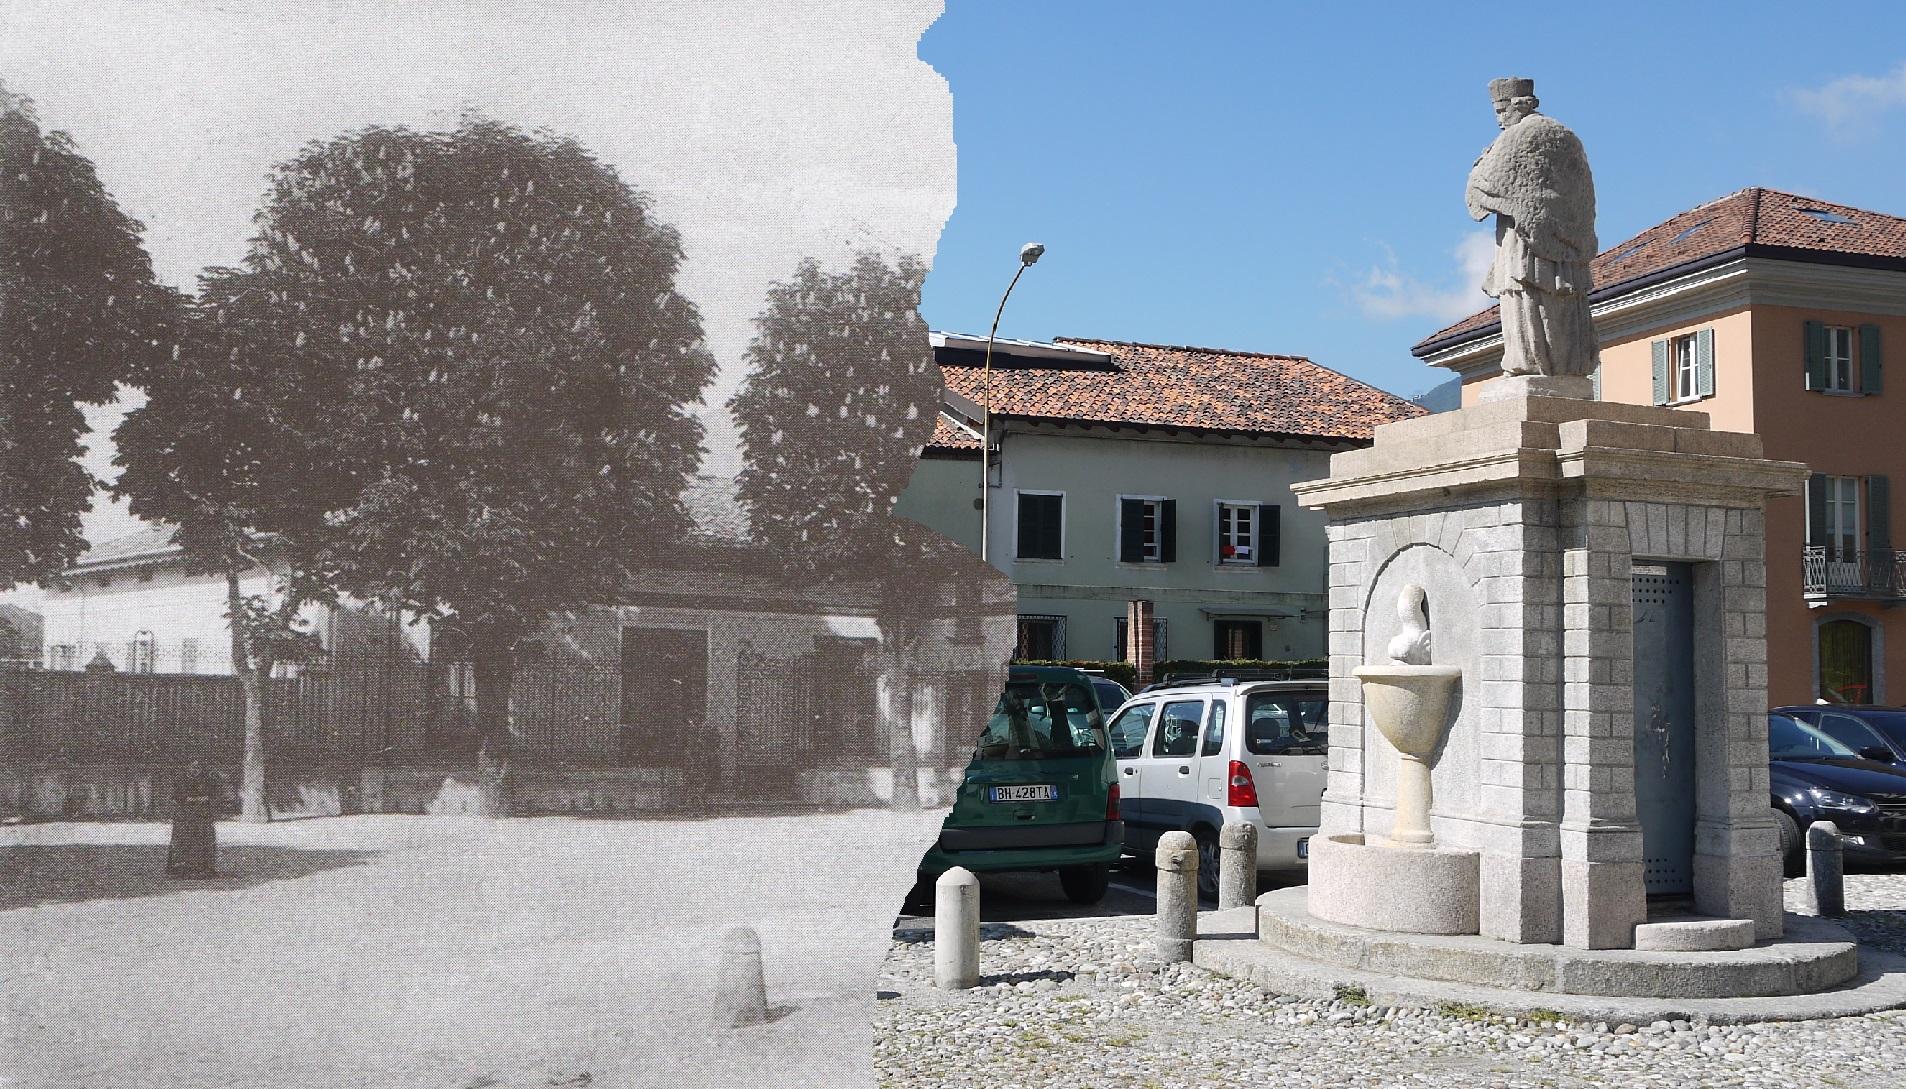 ASILO - CASTELLO